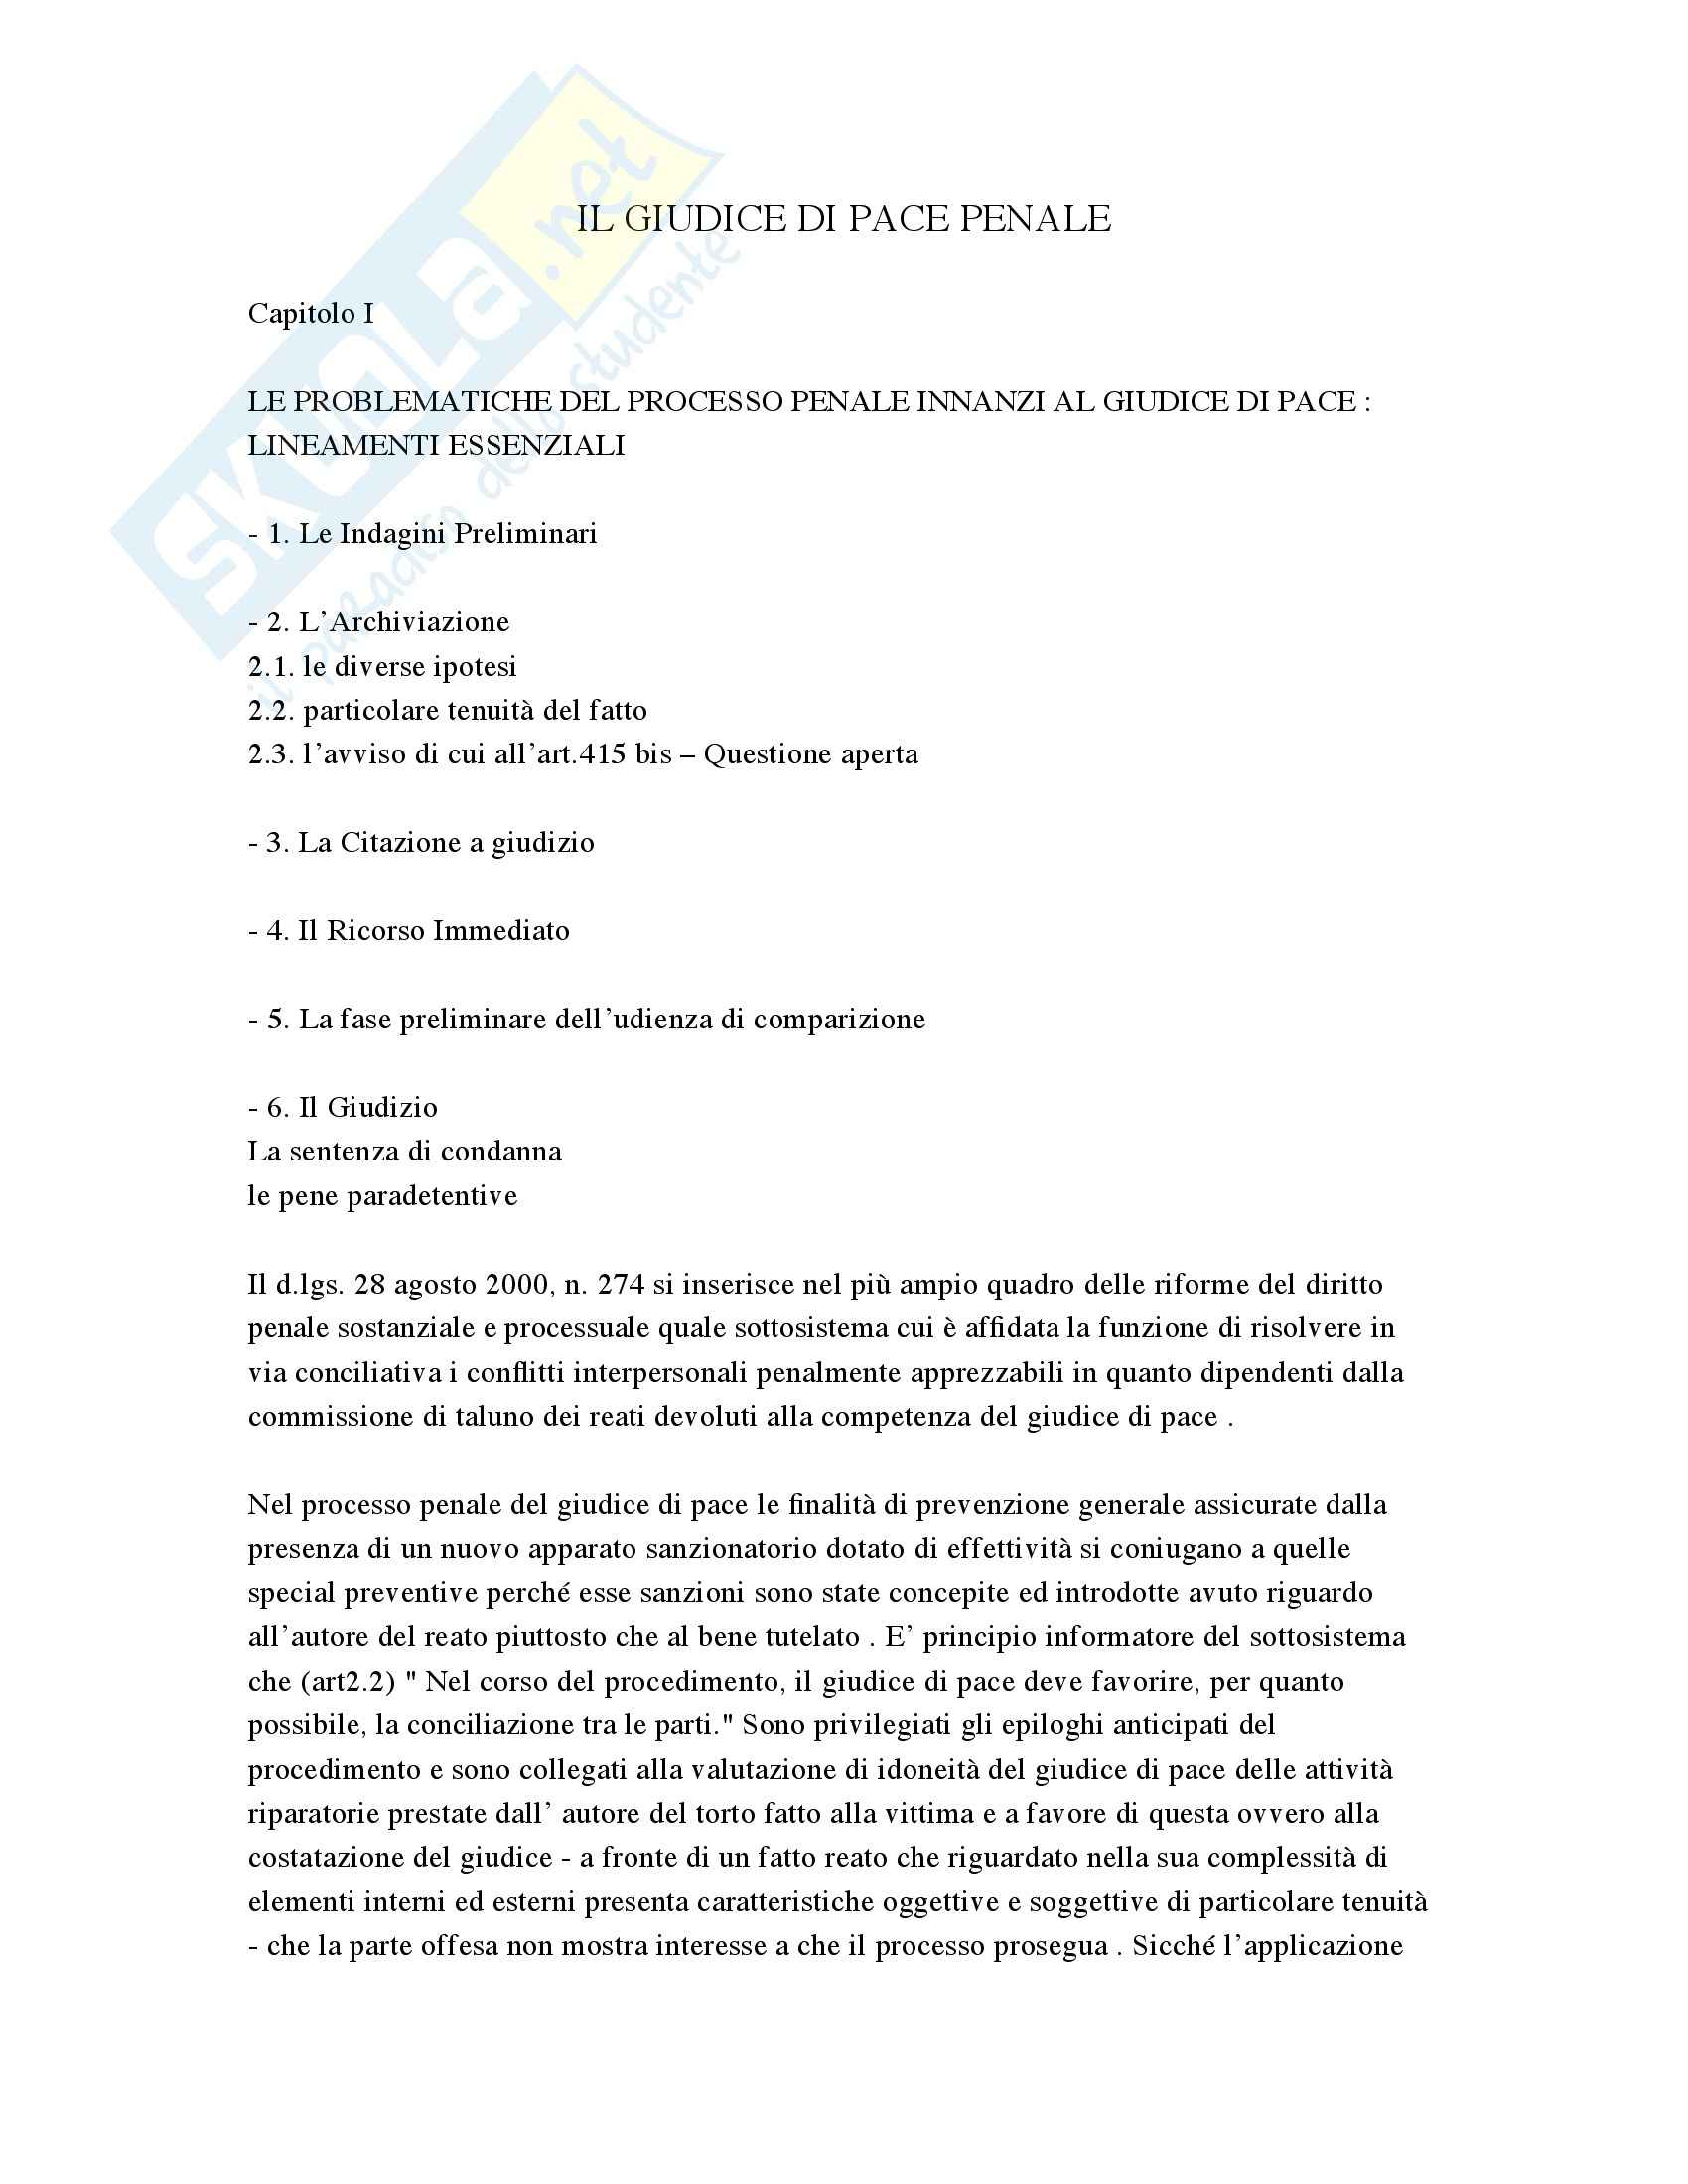 Il giudice di pace penale, Tamborini - Appunti